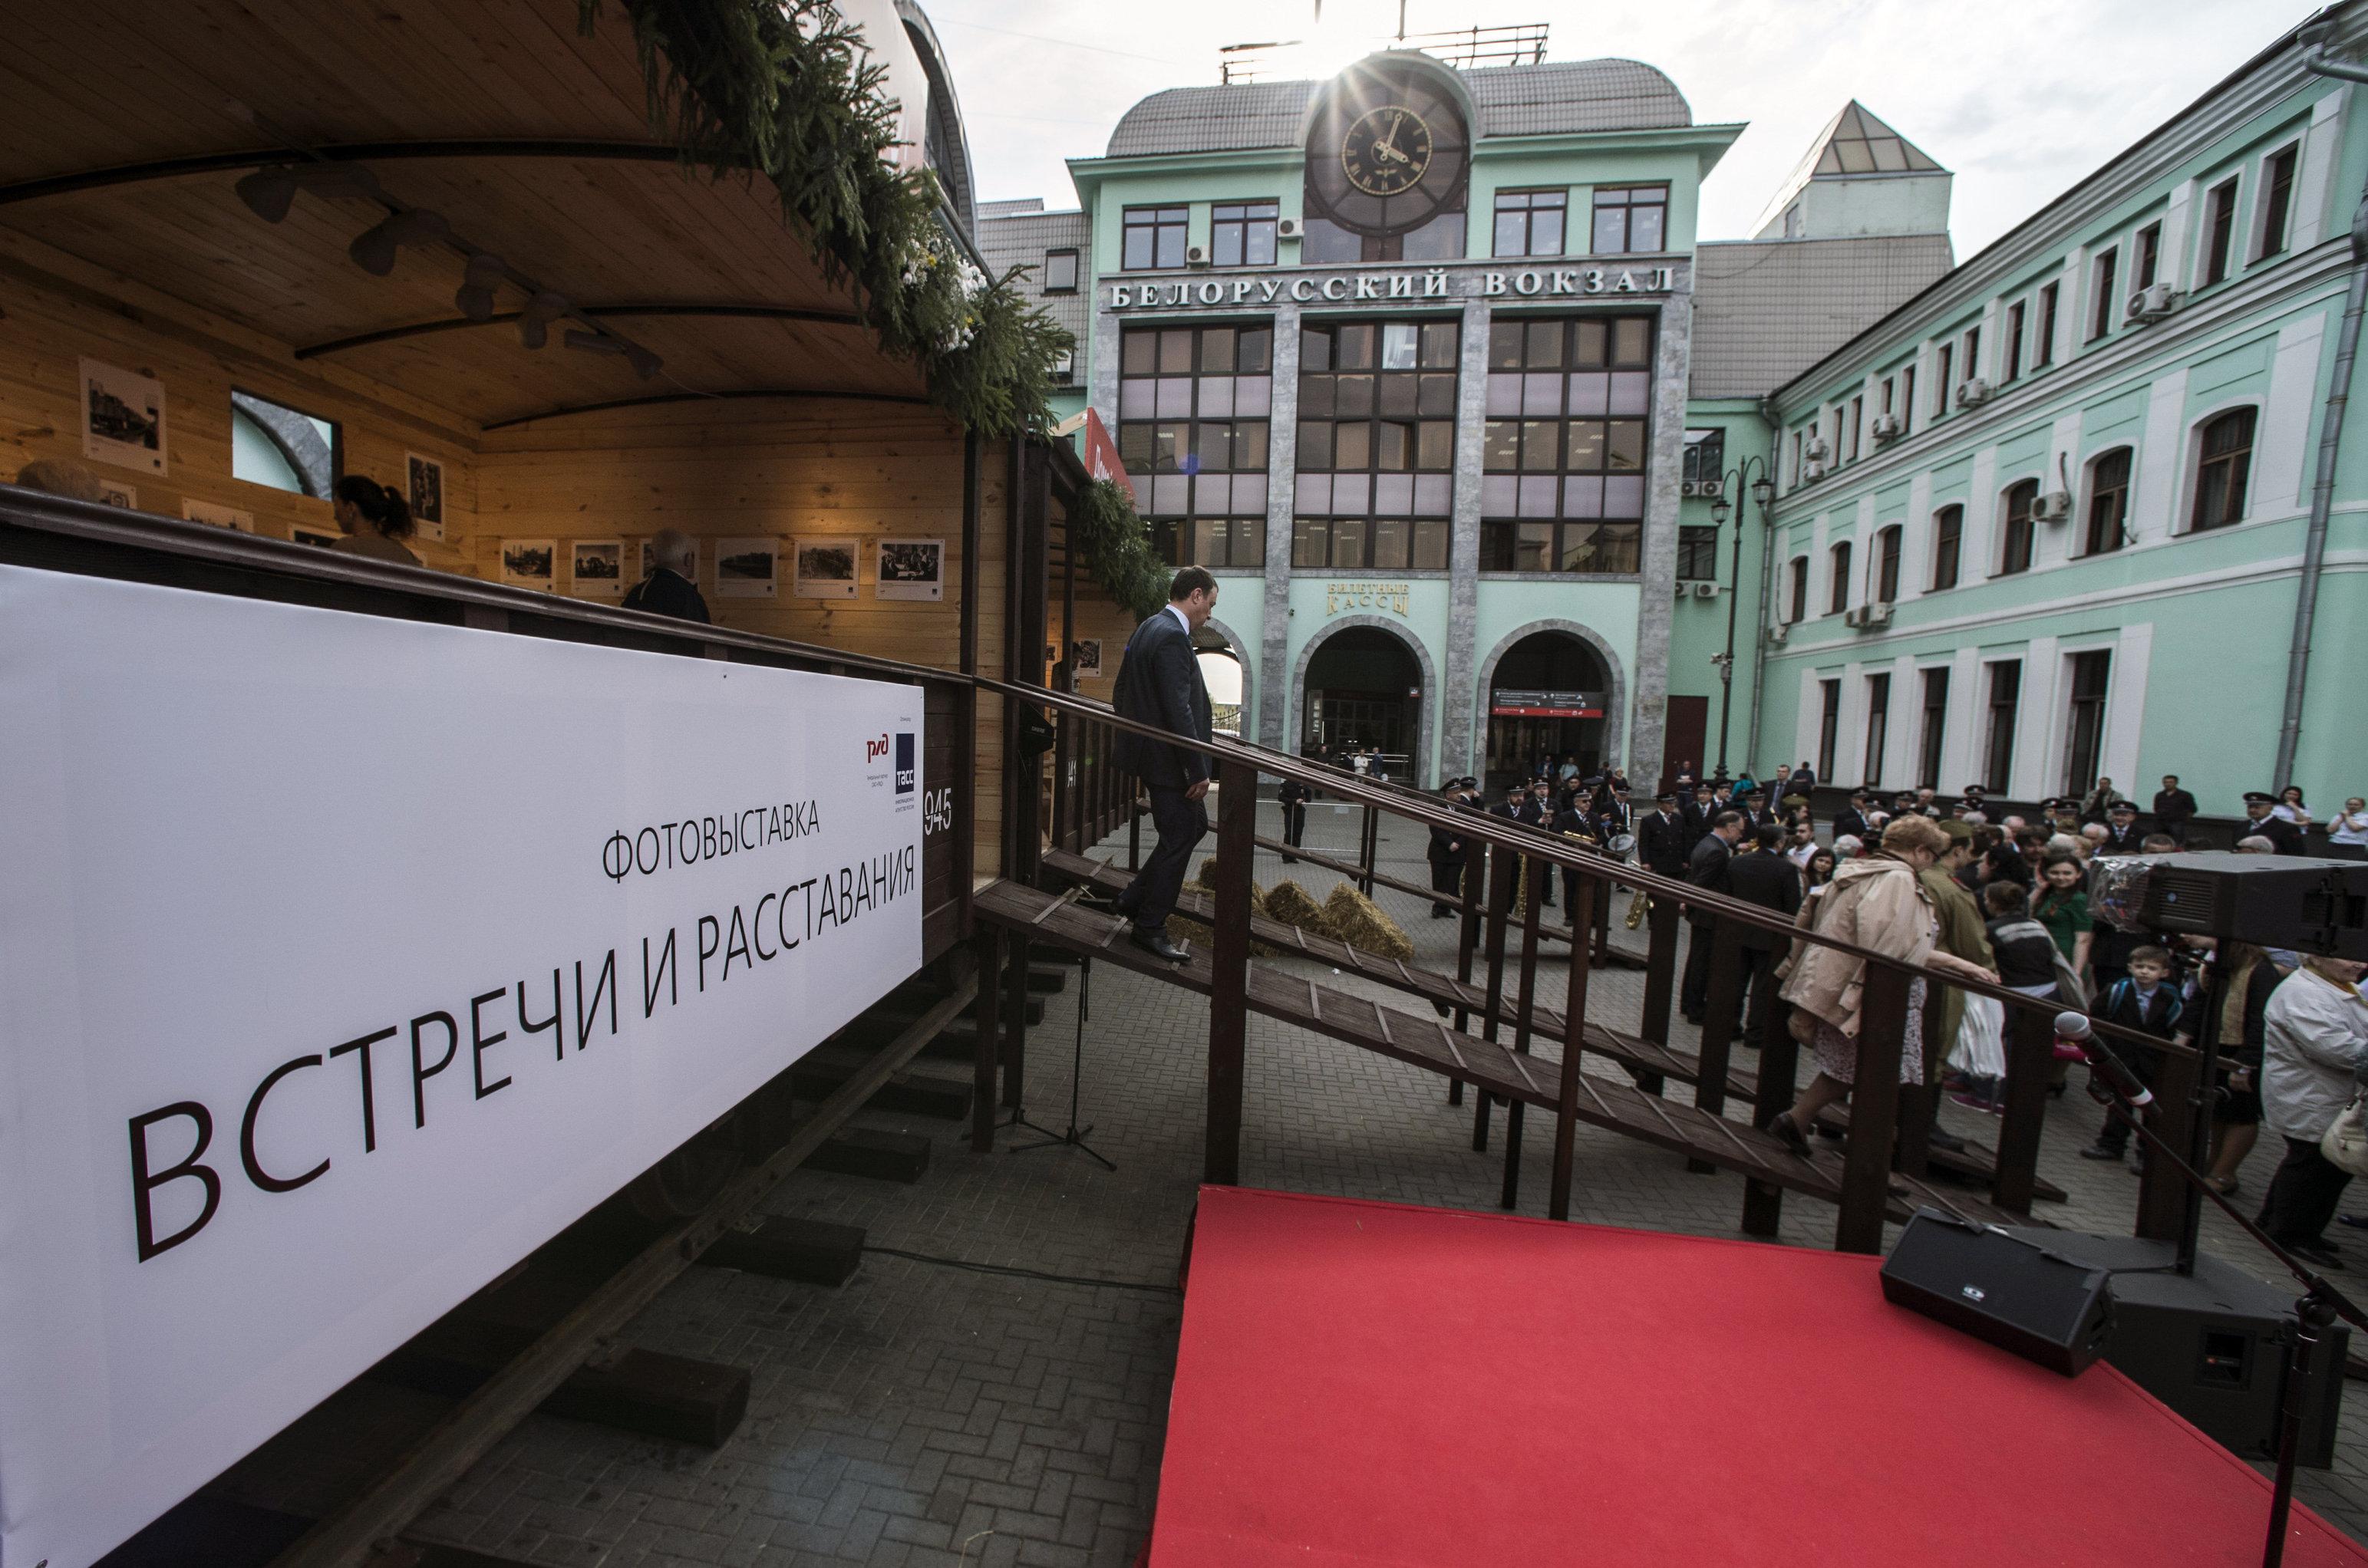 Открытие фотовыставки Встречи и расставания на Белорусском вокзале